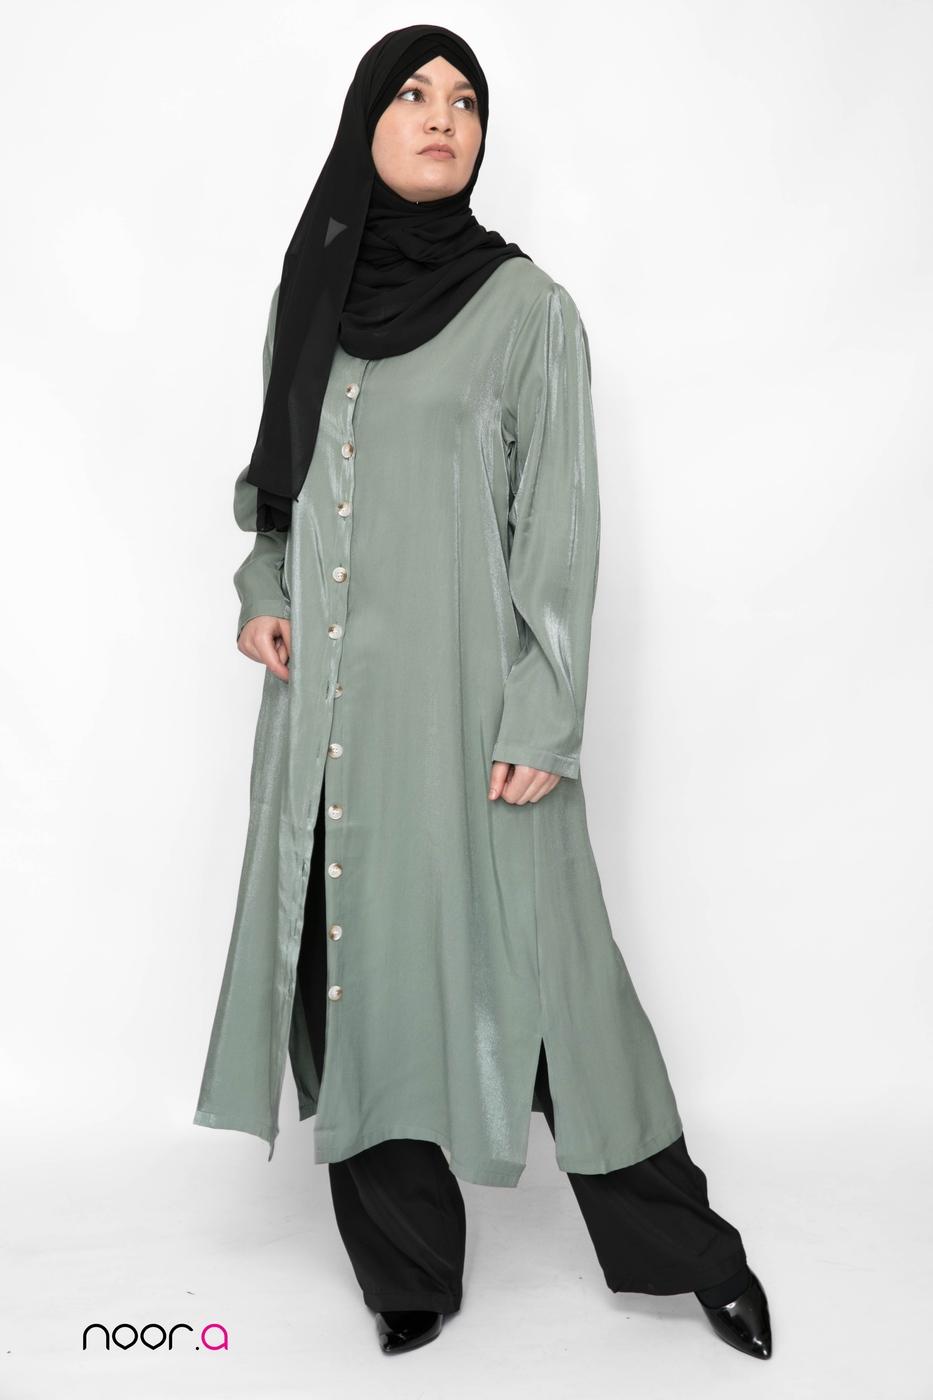 tunique-longue-pour-hijab-kaki-satinée-pantalon-large-noir-hijab-mousseline-luxe-noir (2)